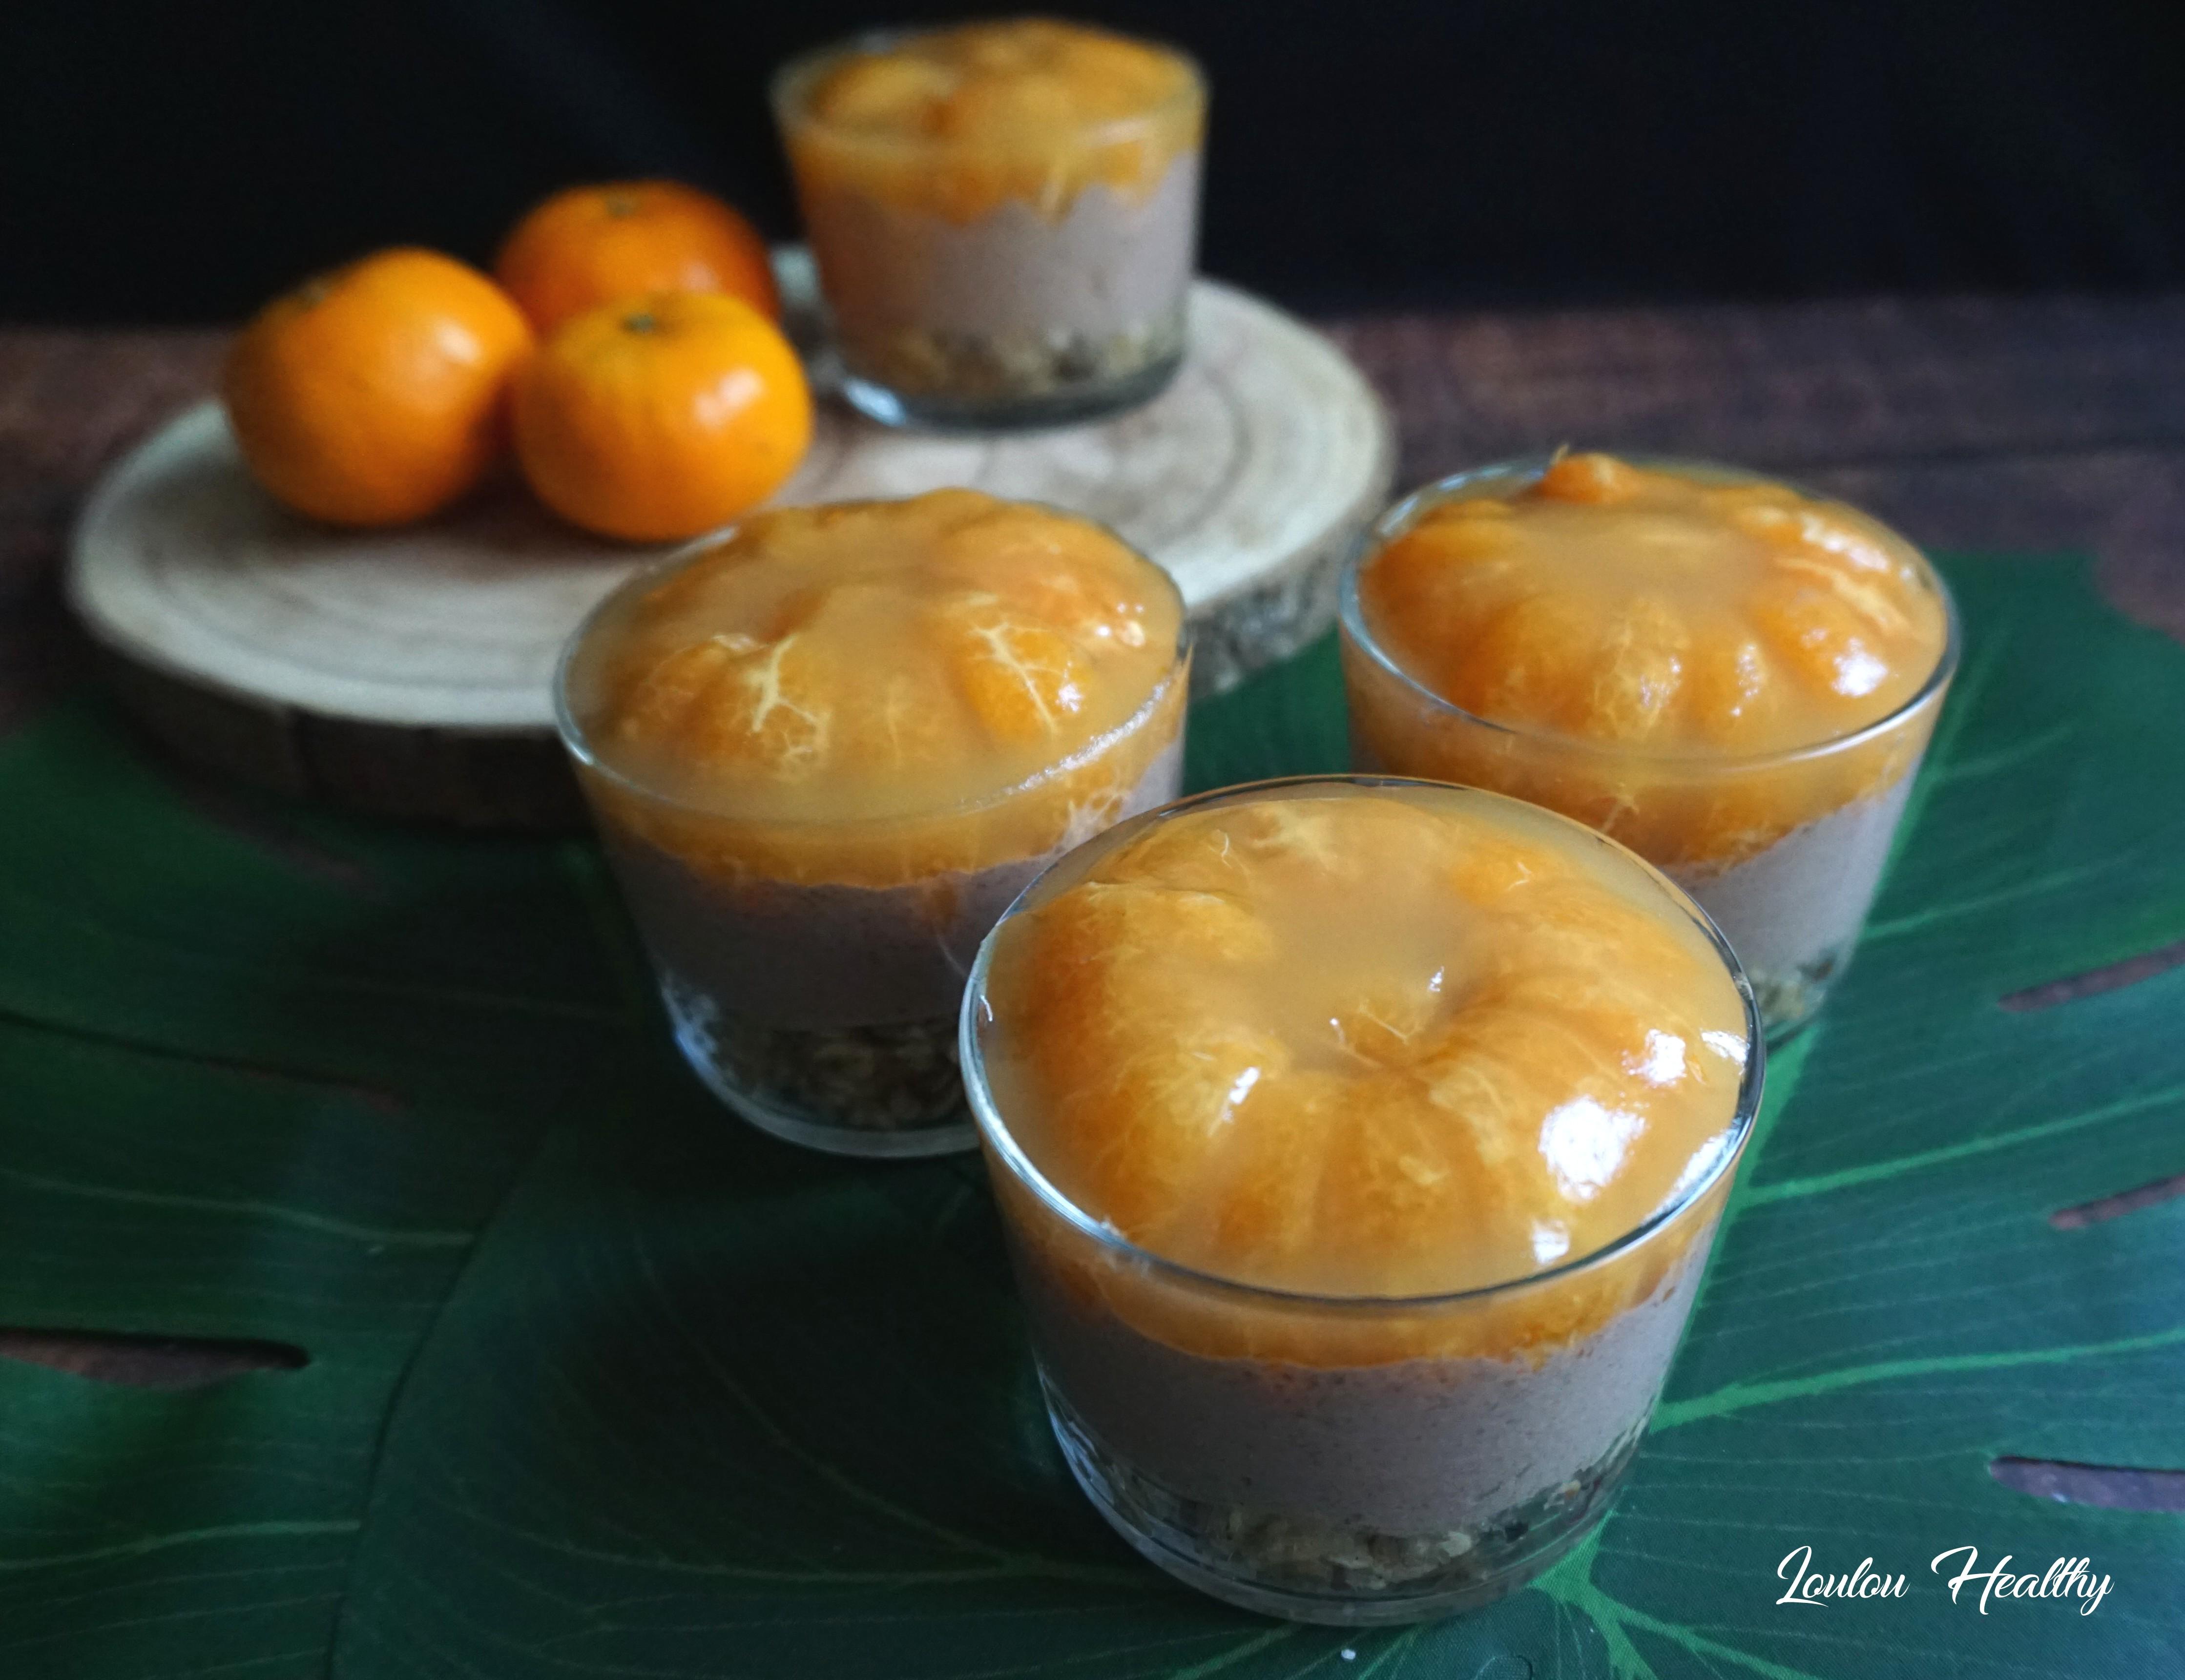 cheesecake chocolat, mandarine en verrines4